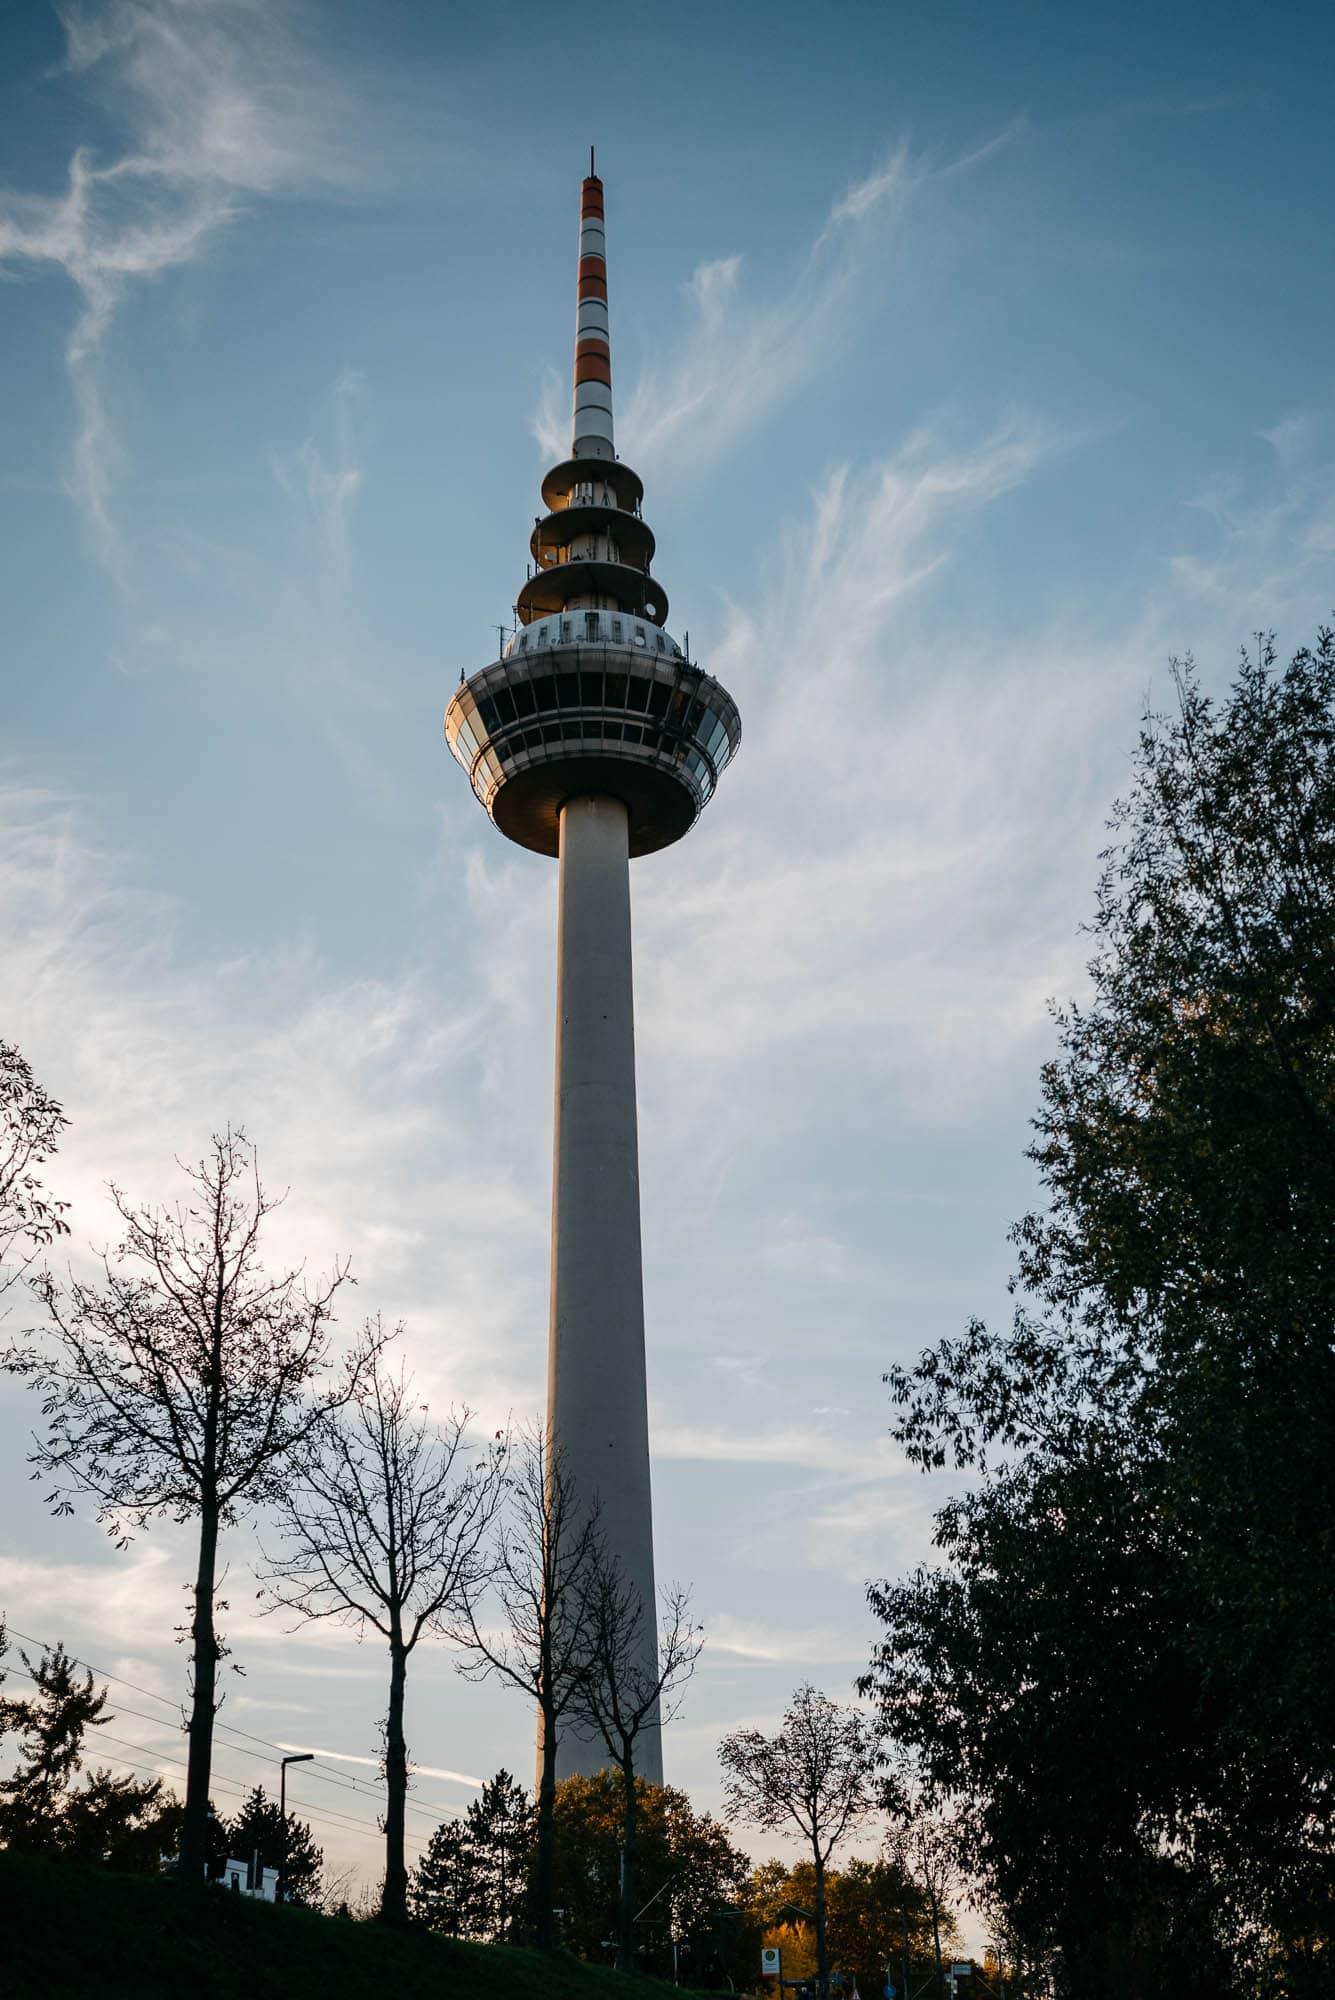 Hochzeit-Mannheim-Nekar-Fernmeldeturm